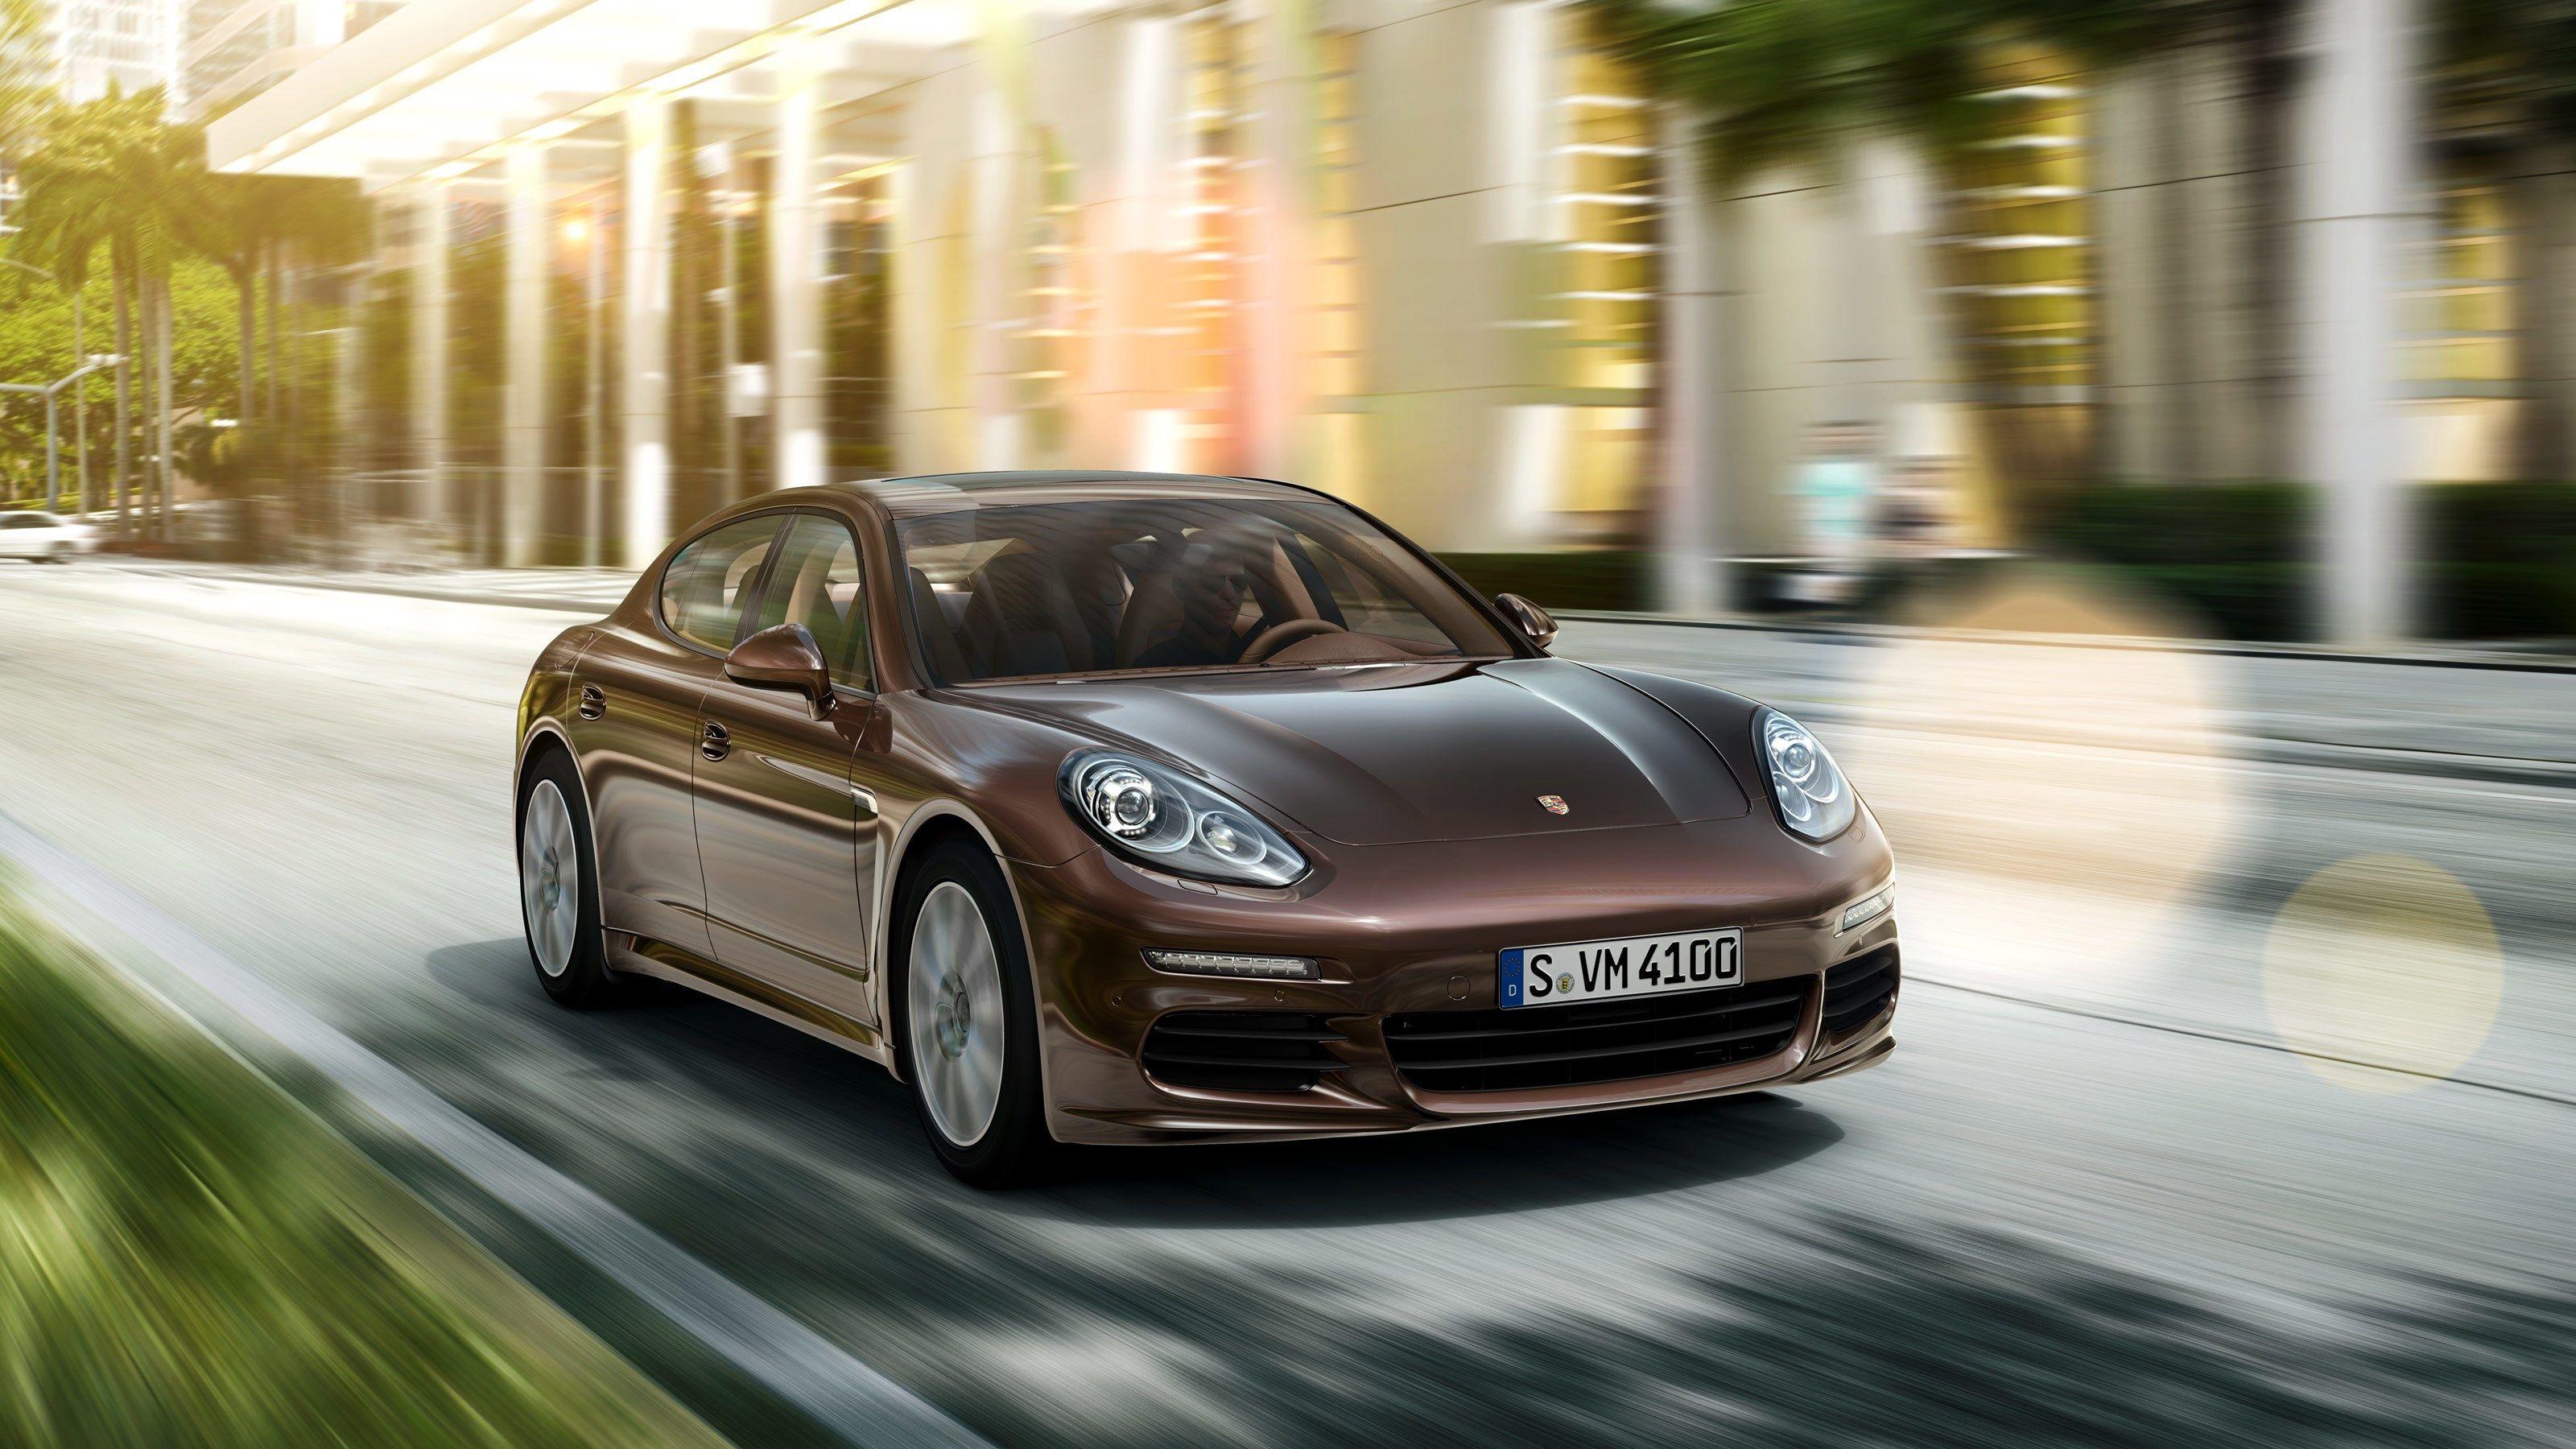 Porsche Panamera E Hybrid, Executive Car, 4k Wallpaper | Cars Wallpapers |  Pinterest | Porsche Panamera, Car Wallpapers And Cars